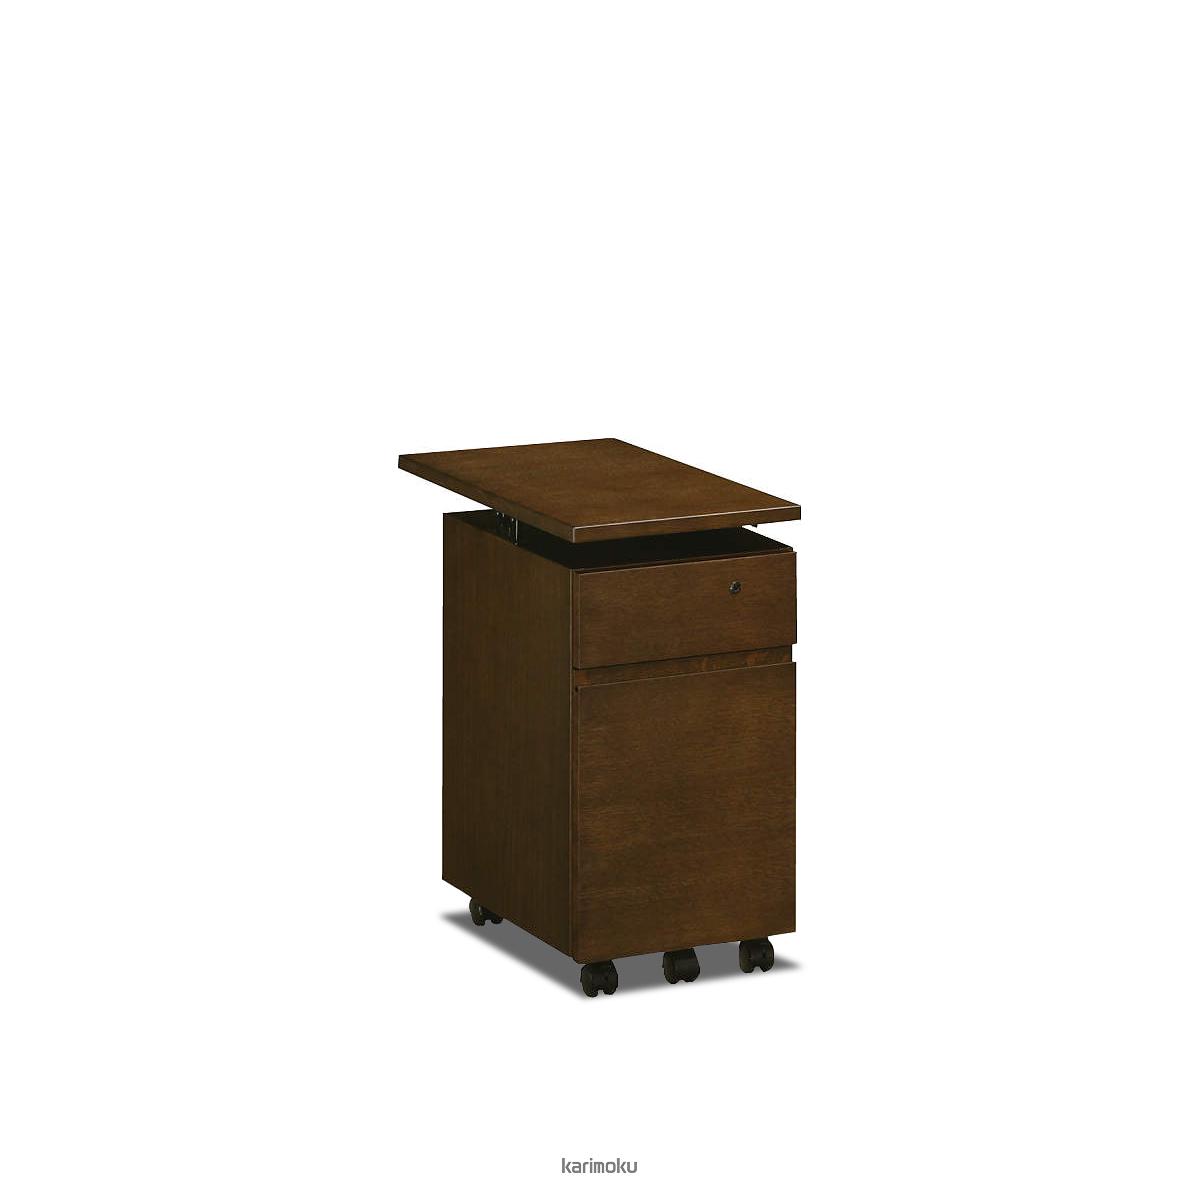 カリモク 学習机 SS0475 ワゴン (デスク奥行き60cm専用, 幅30cm, モカブラウン色)【全国送料無料】【同梱不可】【店頭受取対応商品】